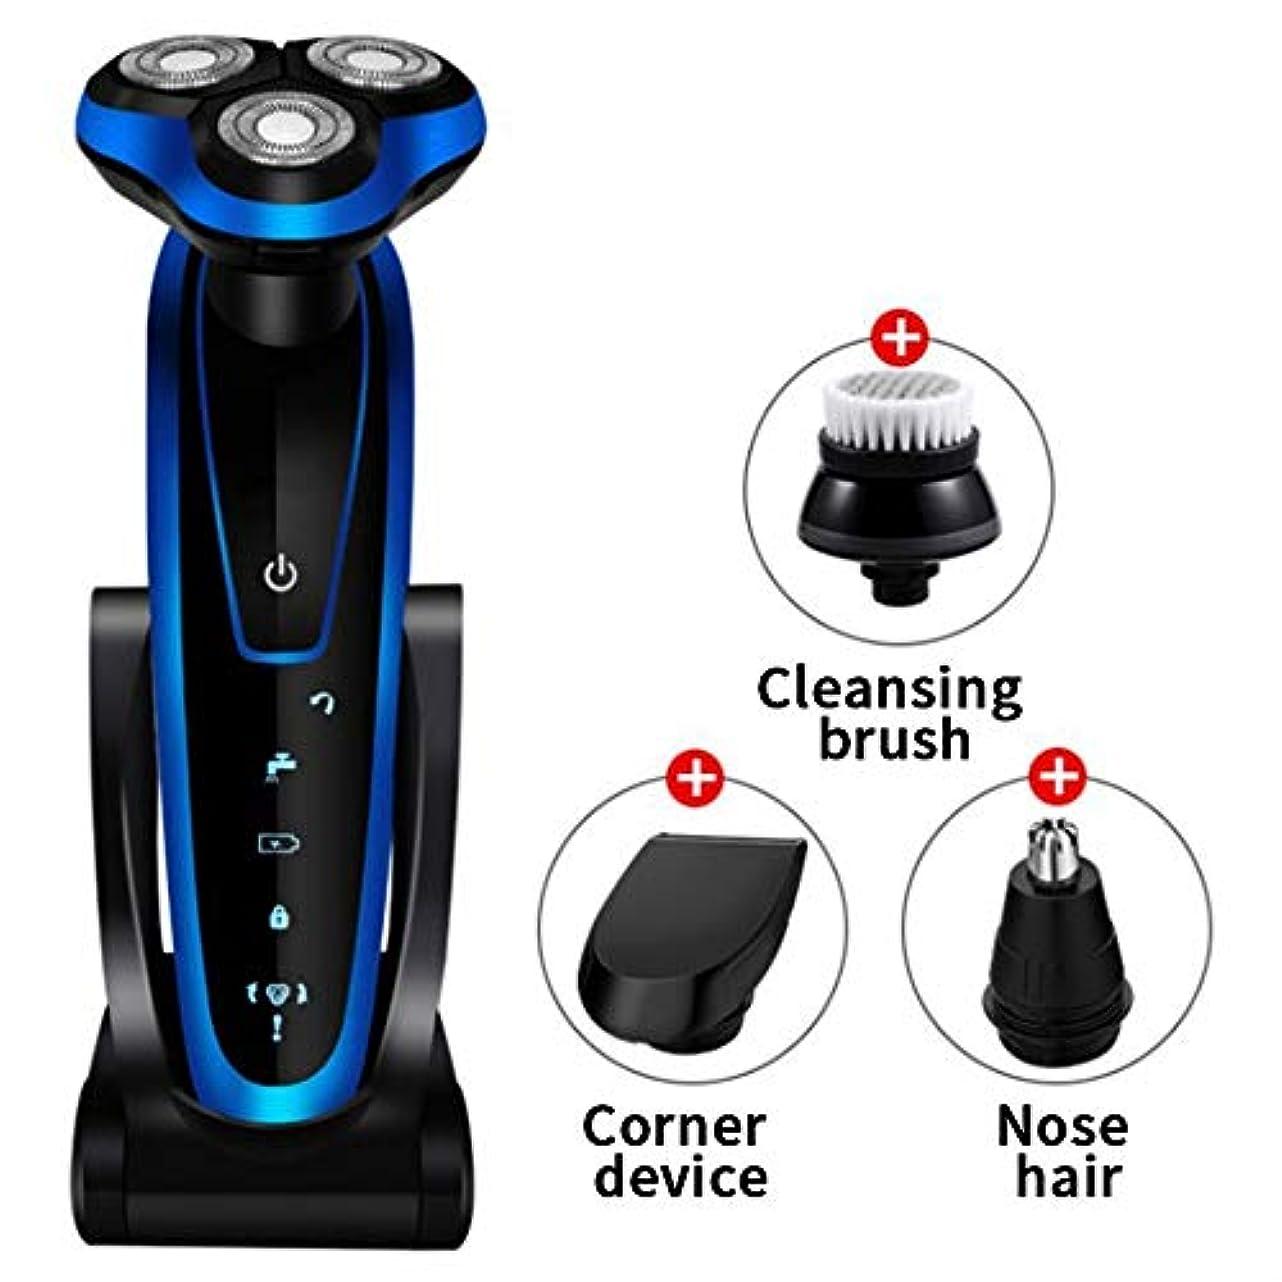 ファンネルウェブスパイダー恋人時間メンズ電気シェーバー、充電式防水回転USB高速充電ウェット/ドライひげトリマー、お父さんのボーイフレンドへの最高の贈り物